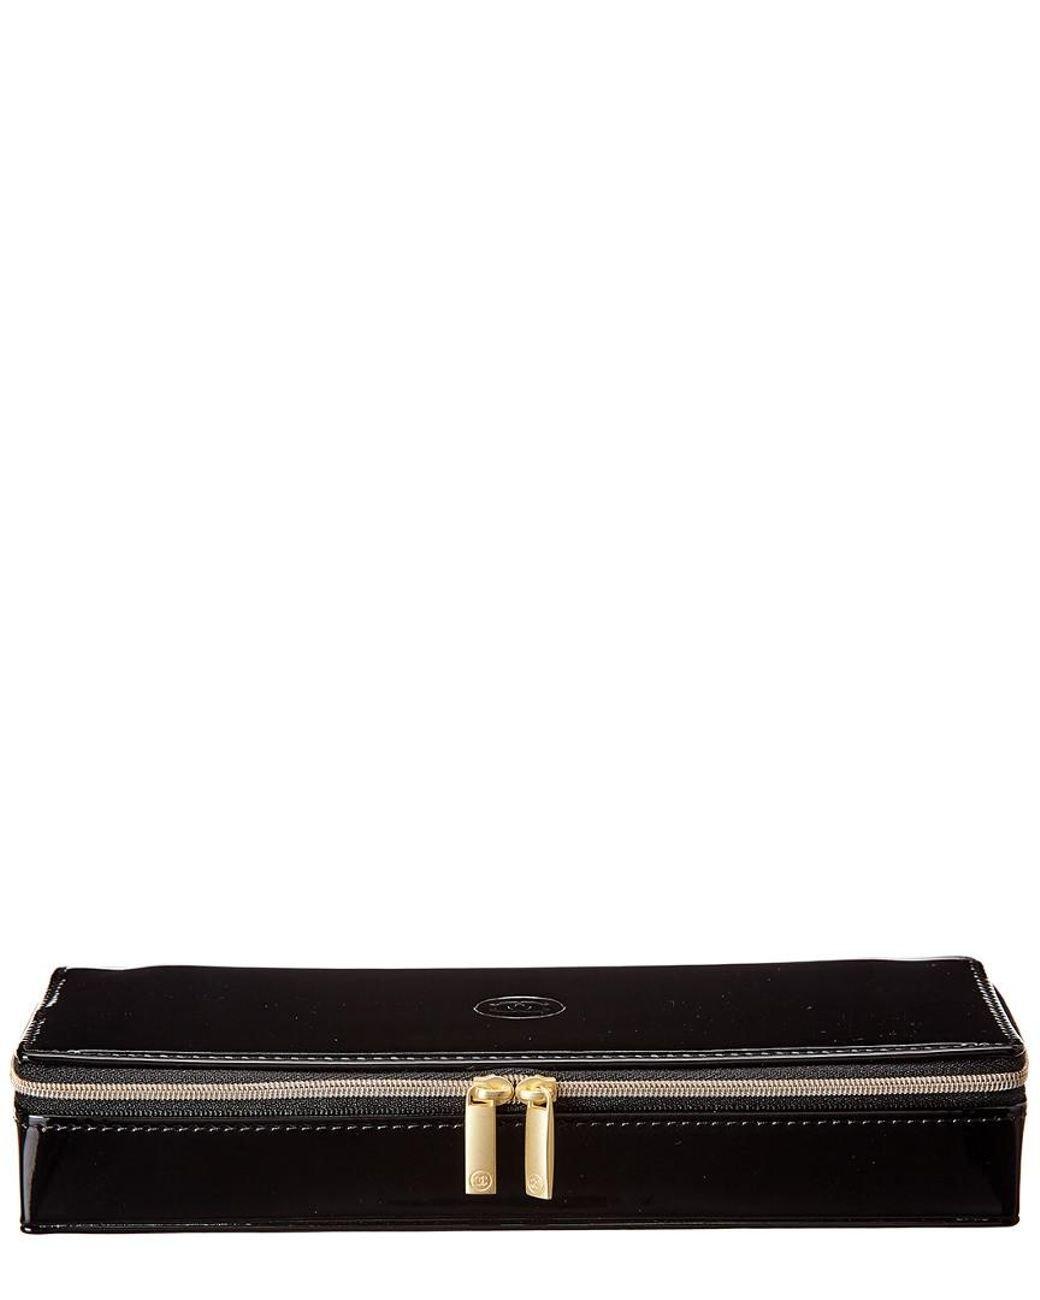 0e4d40de760328 Lyst - Chanel Black Vinyl Sublimage Cosmetic Bag in Black